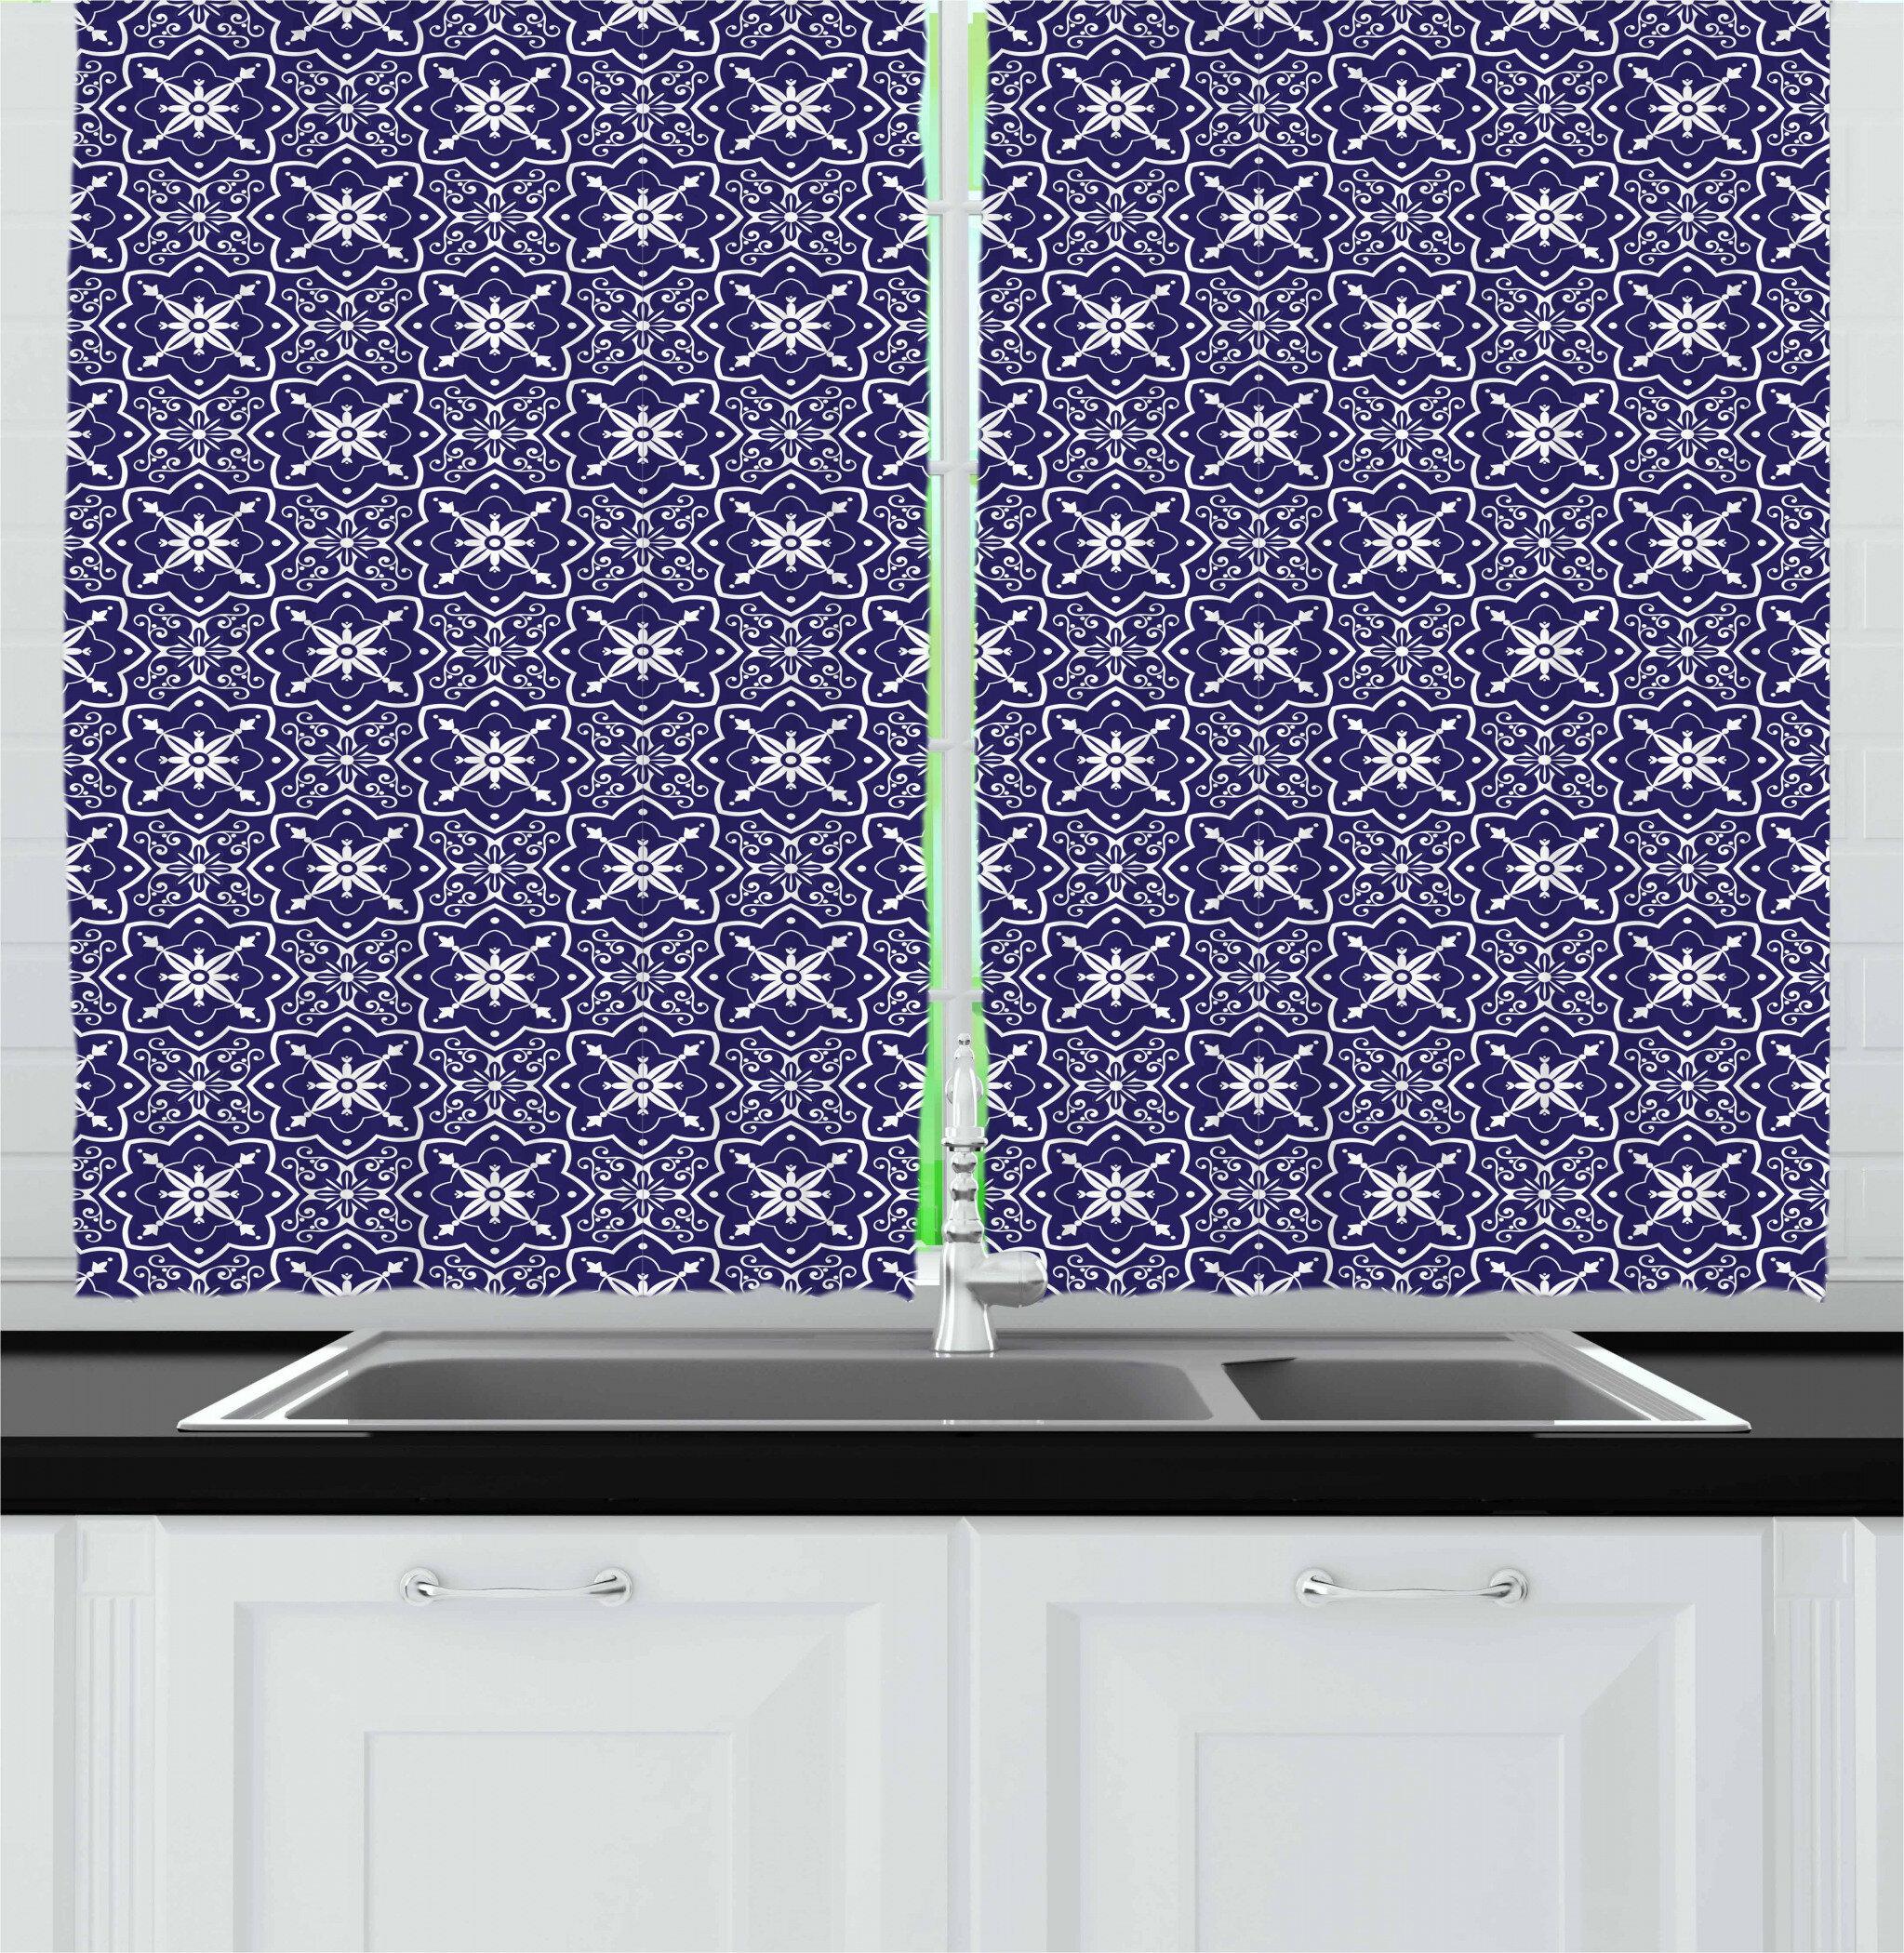 East Urban Home Dutch Kitchen Curtain Wayfair